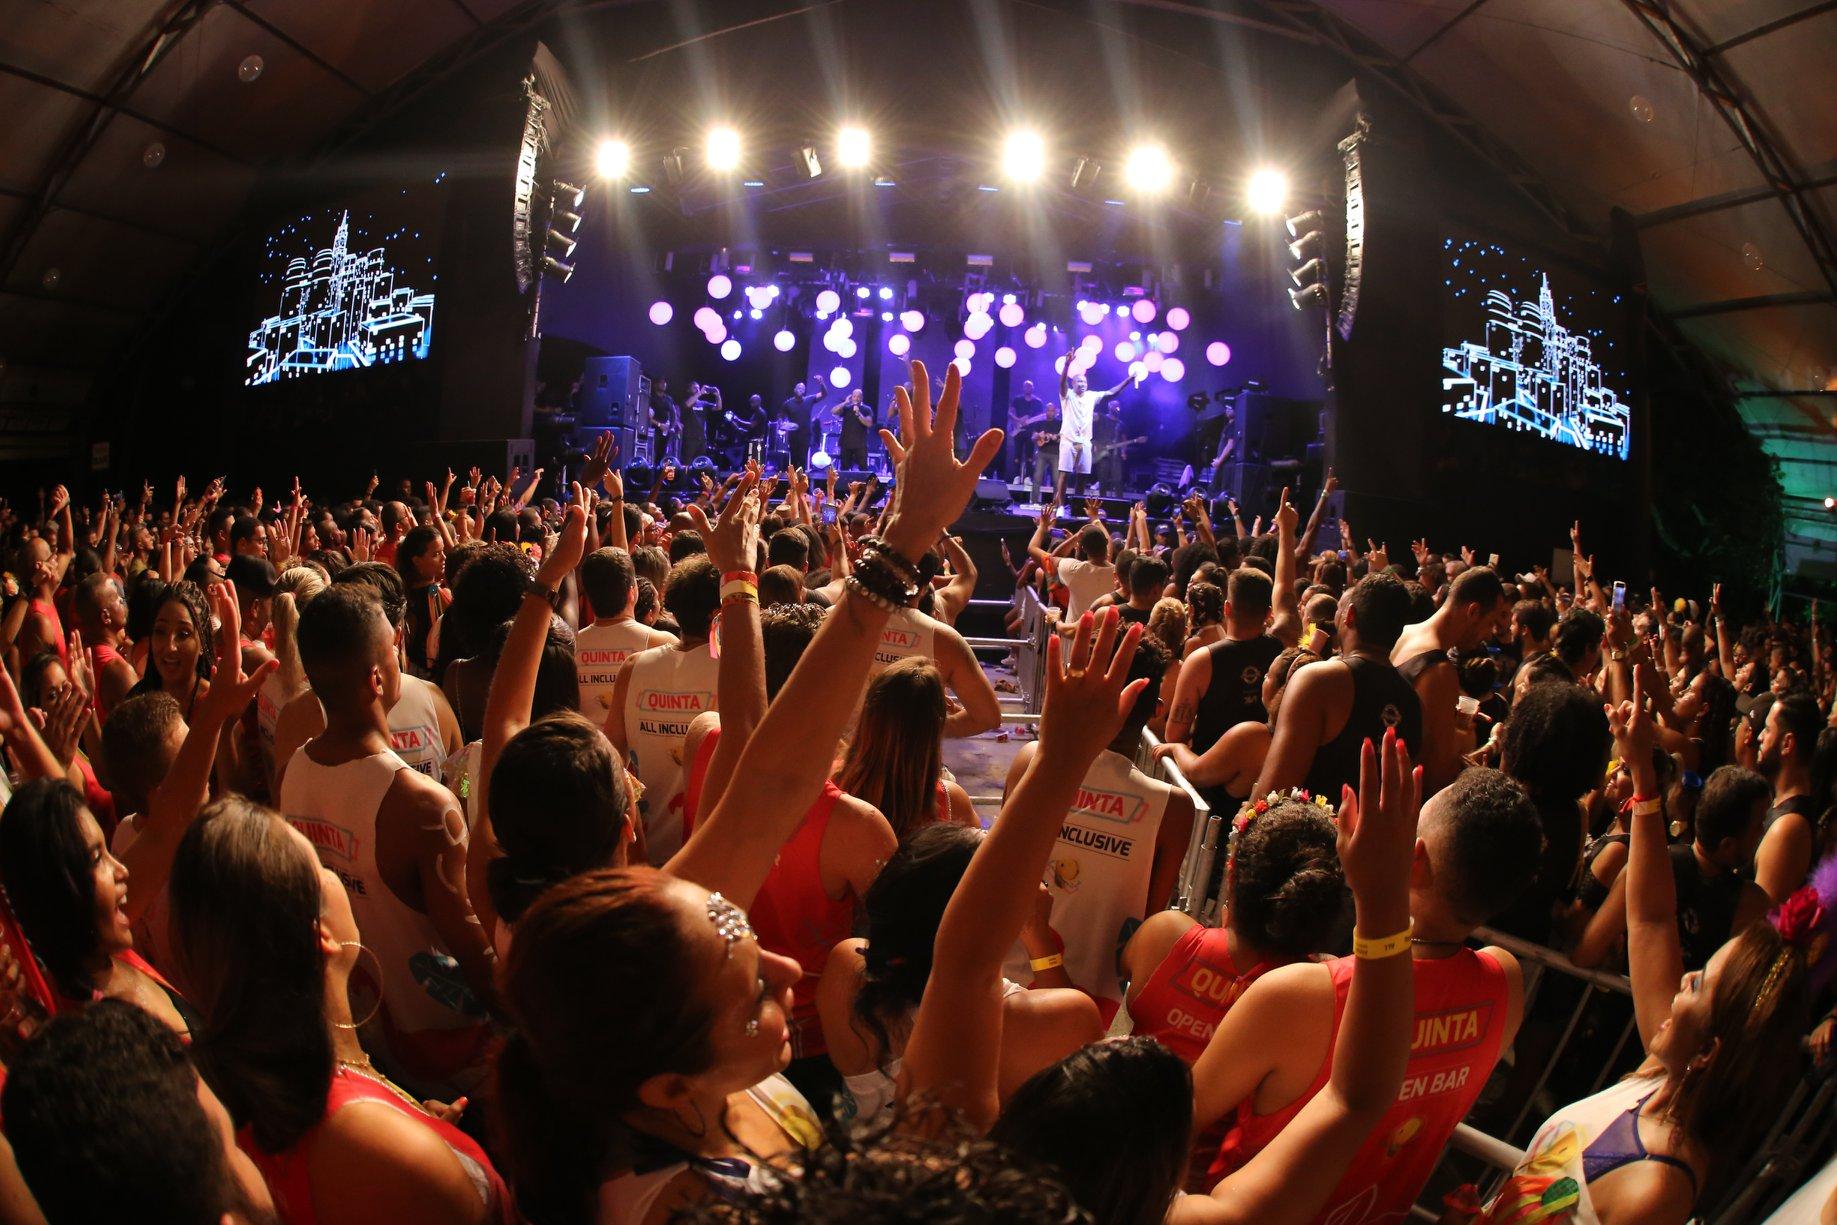 Arena de shows do Camarote Planeta Band